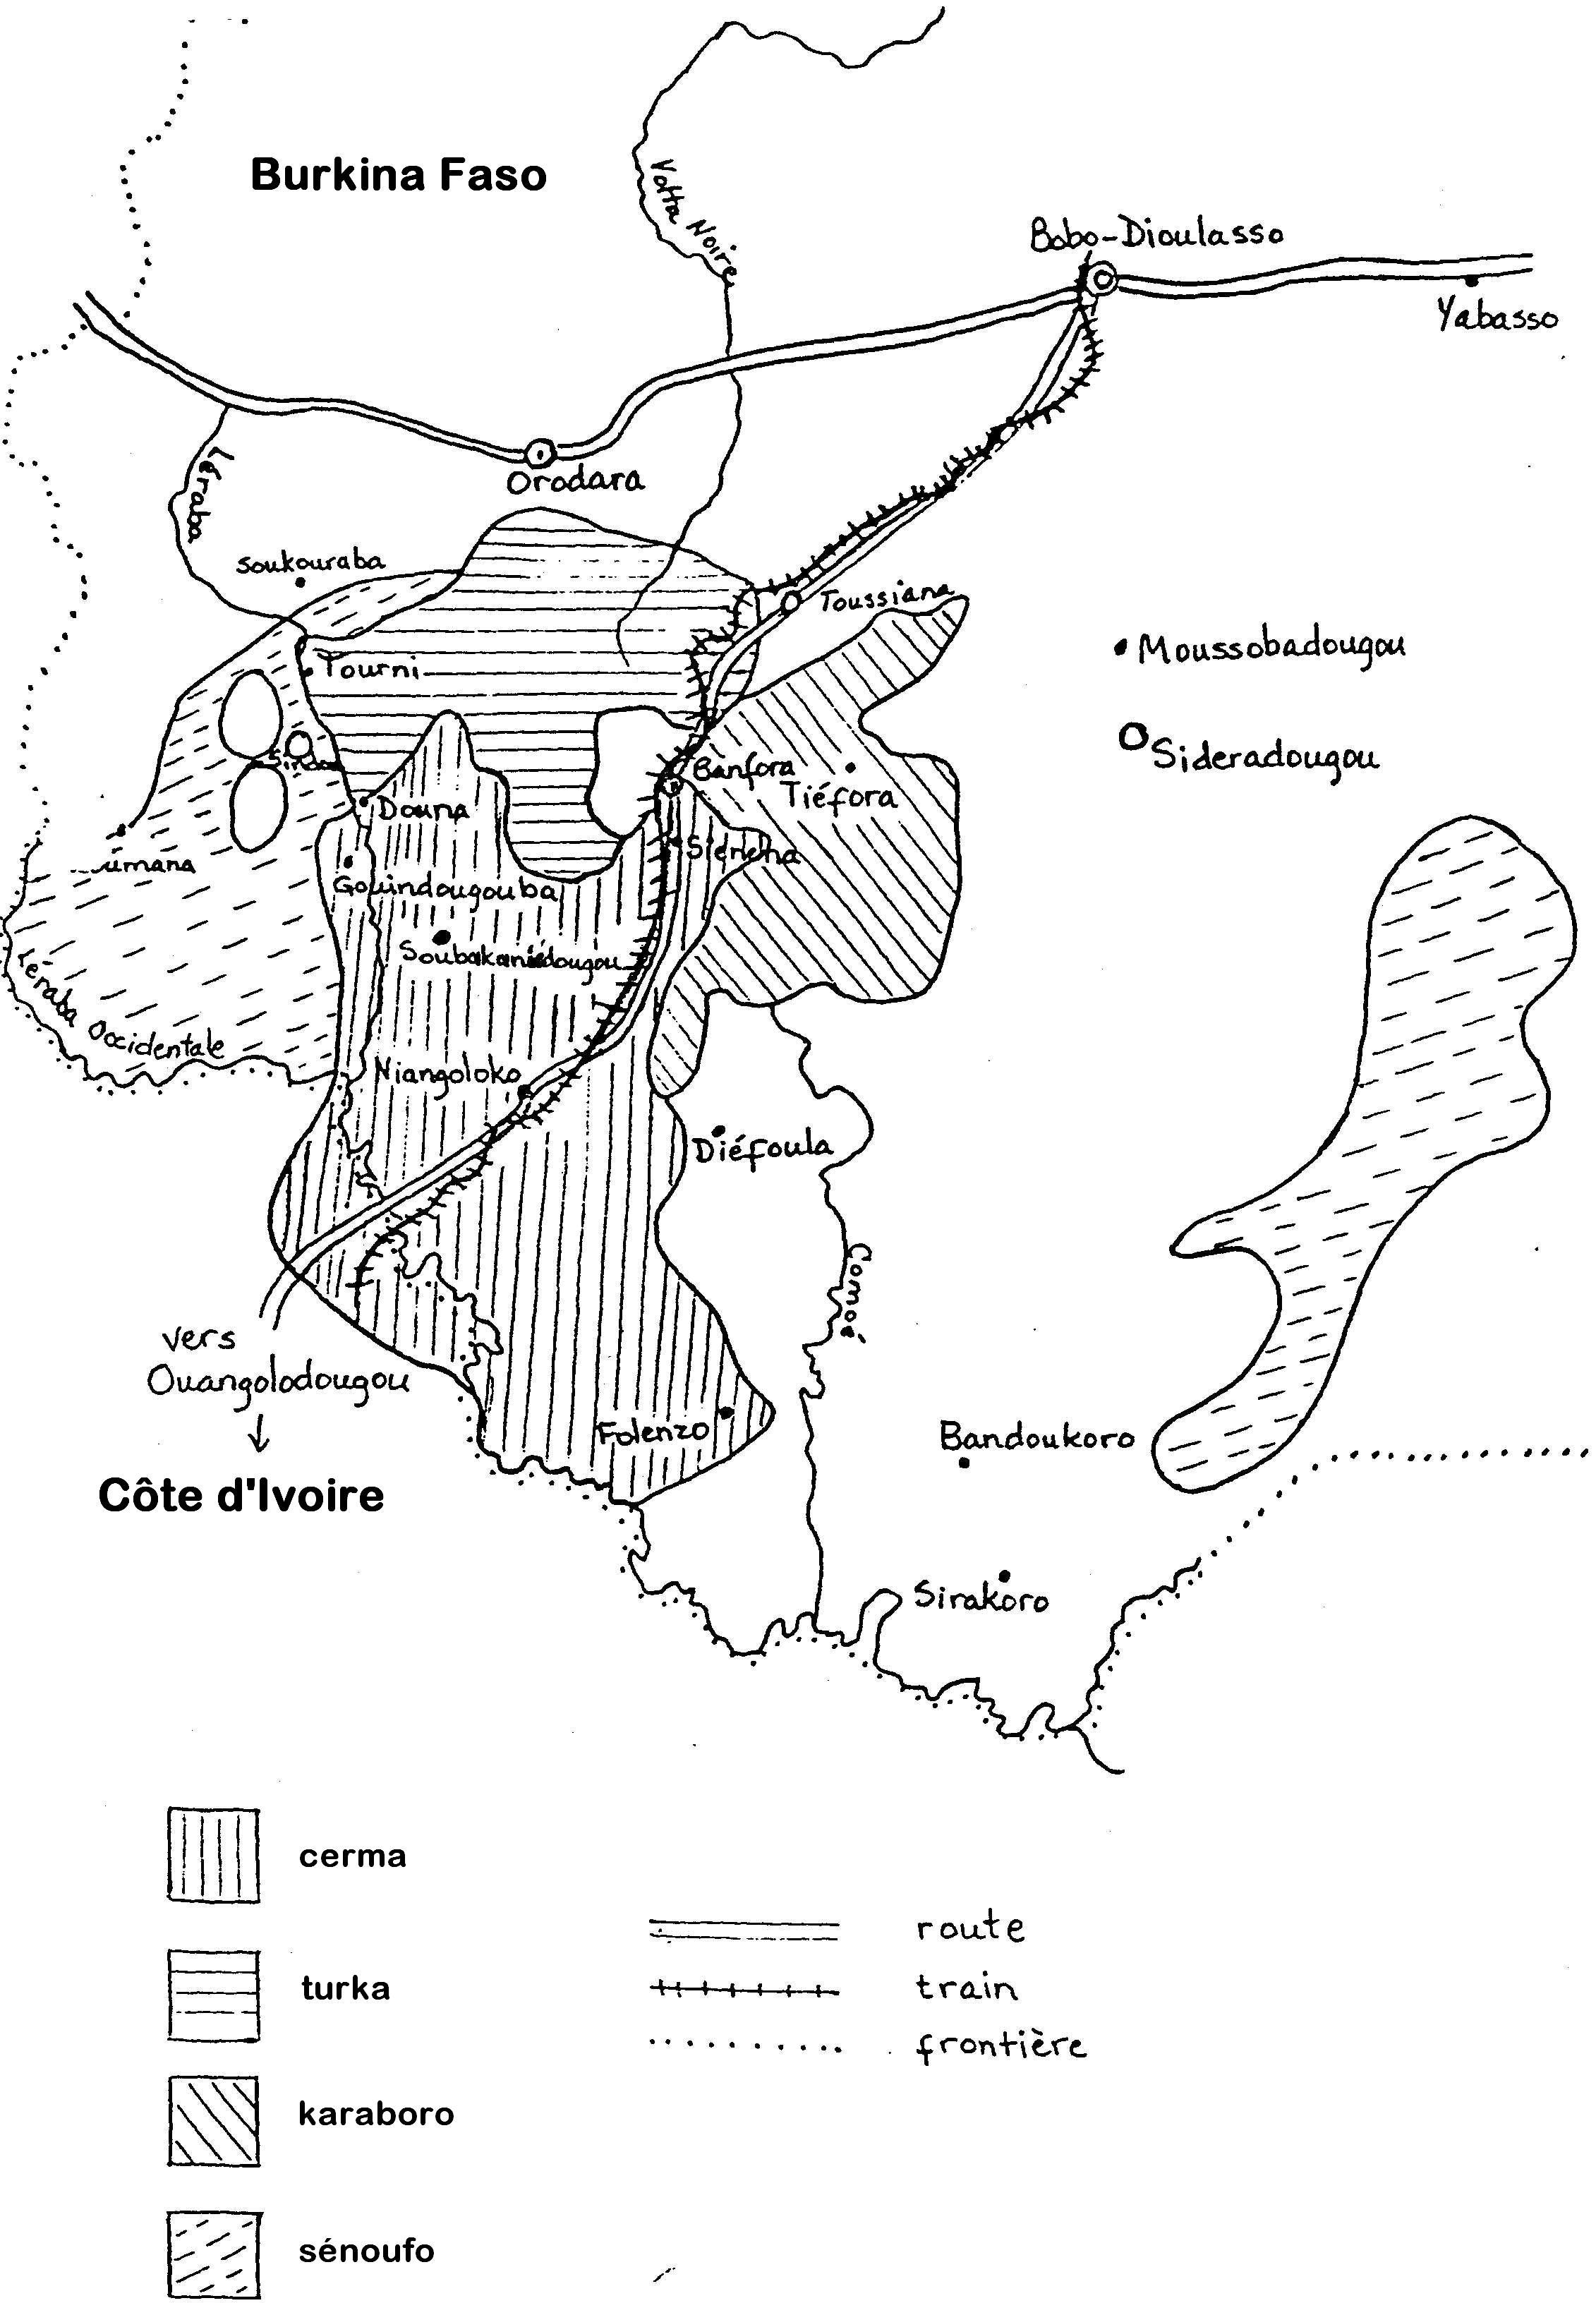 Région cerma